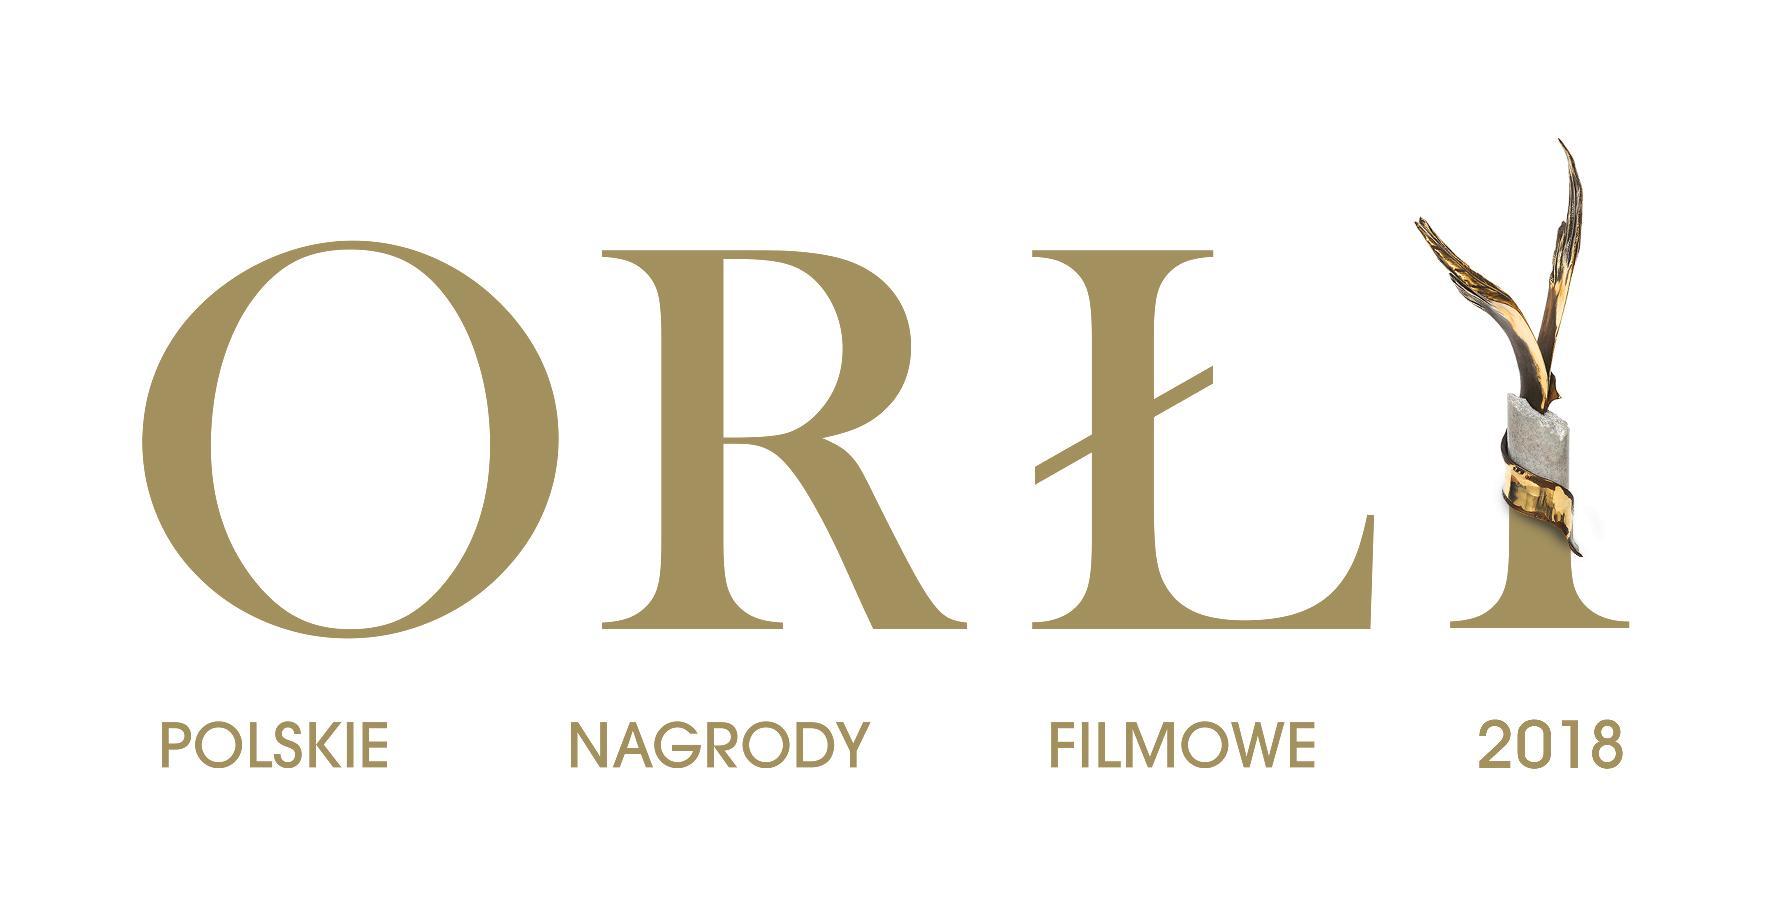 Polskie Nagrody Filmowe Orły 2018 –logotyp (źródło: materiały prasowe)